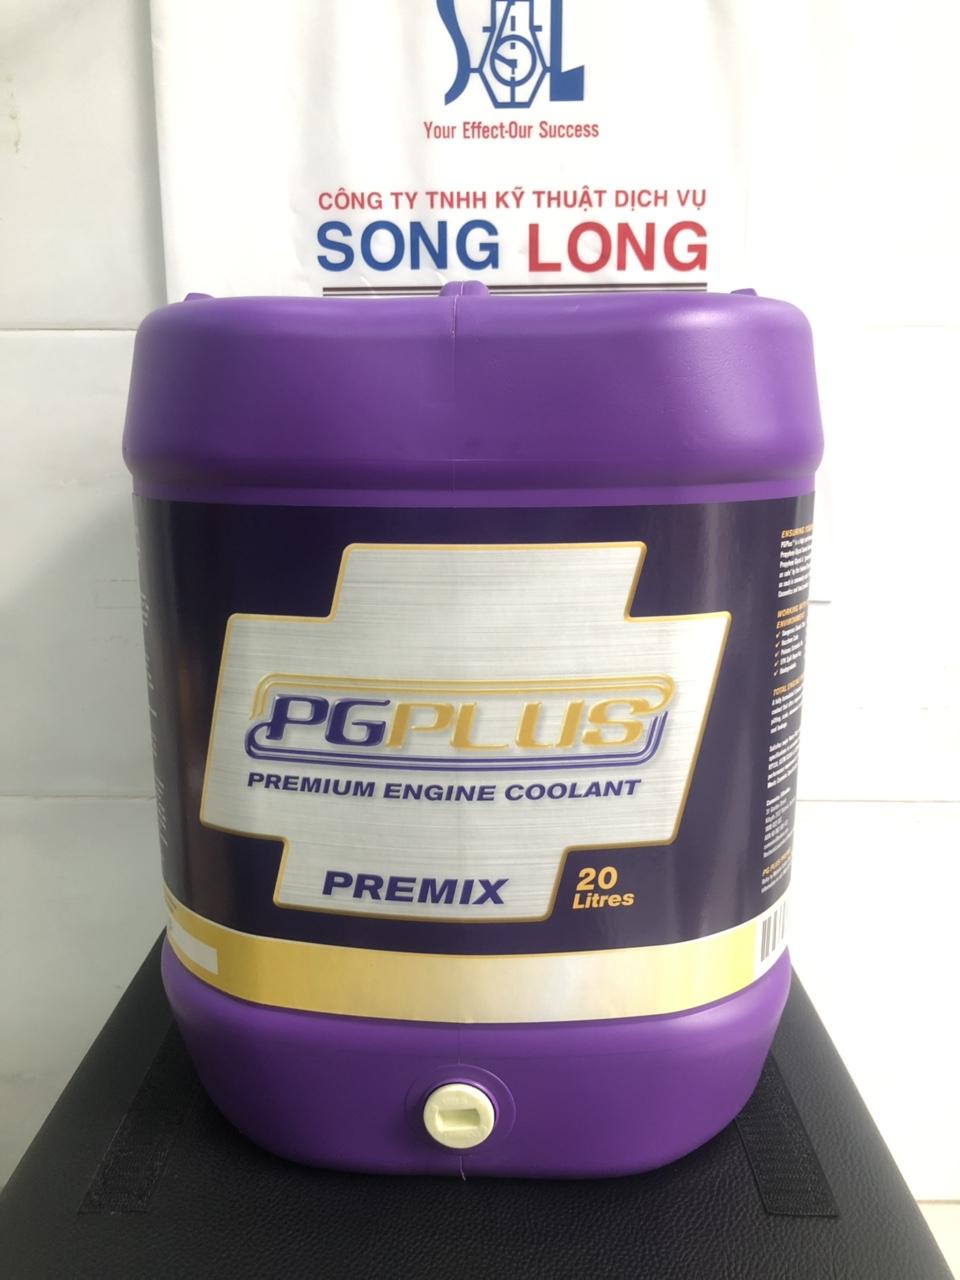 20ltr PGPlus Premix Coolant